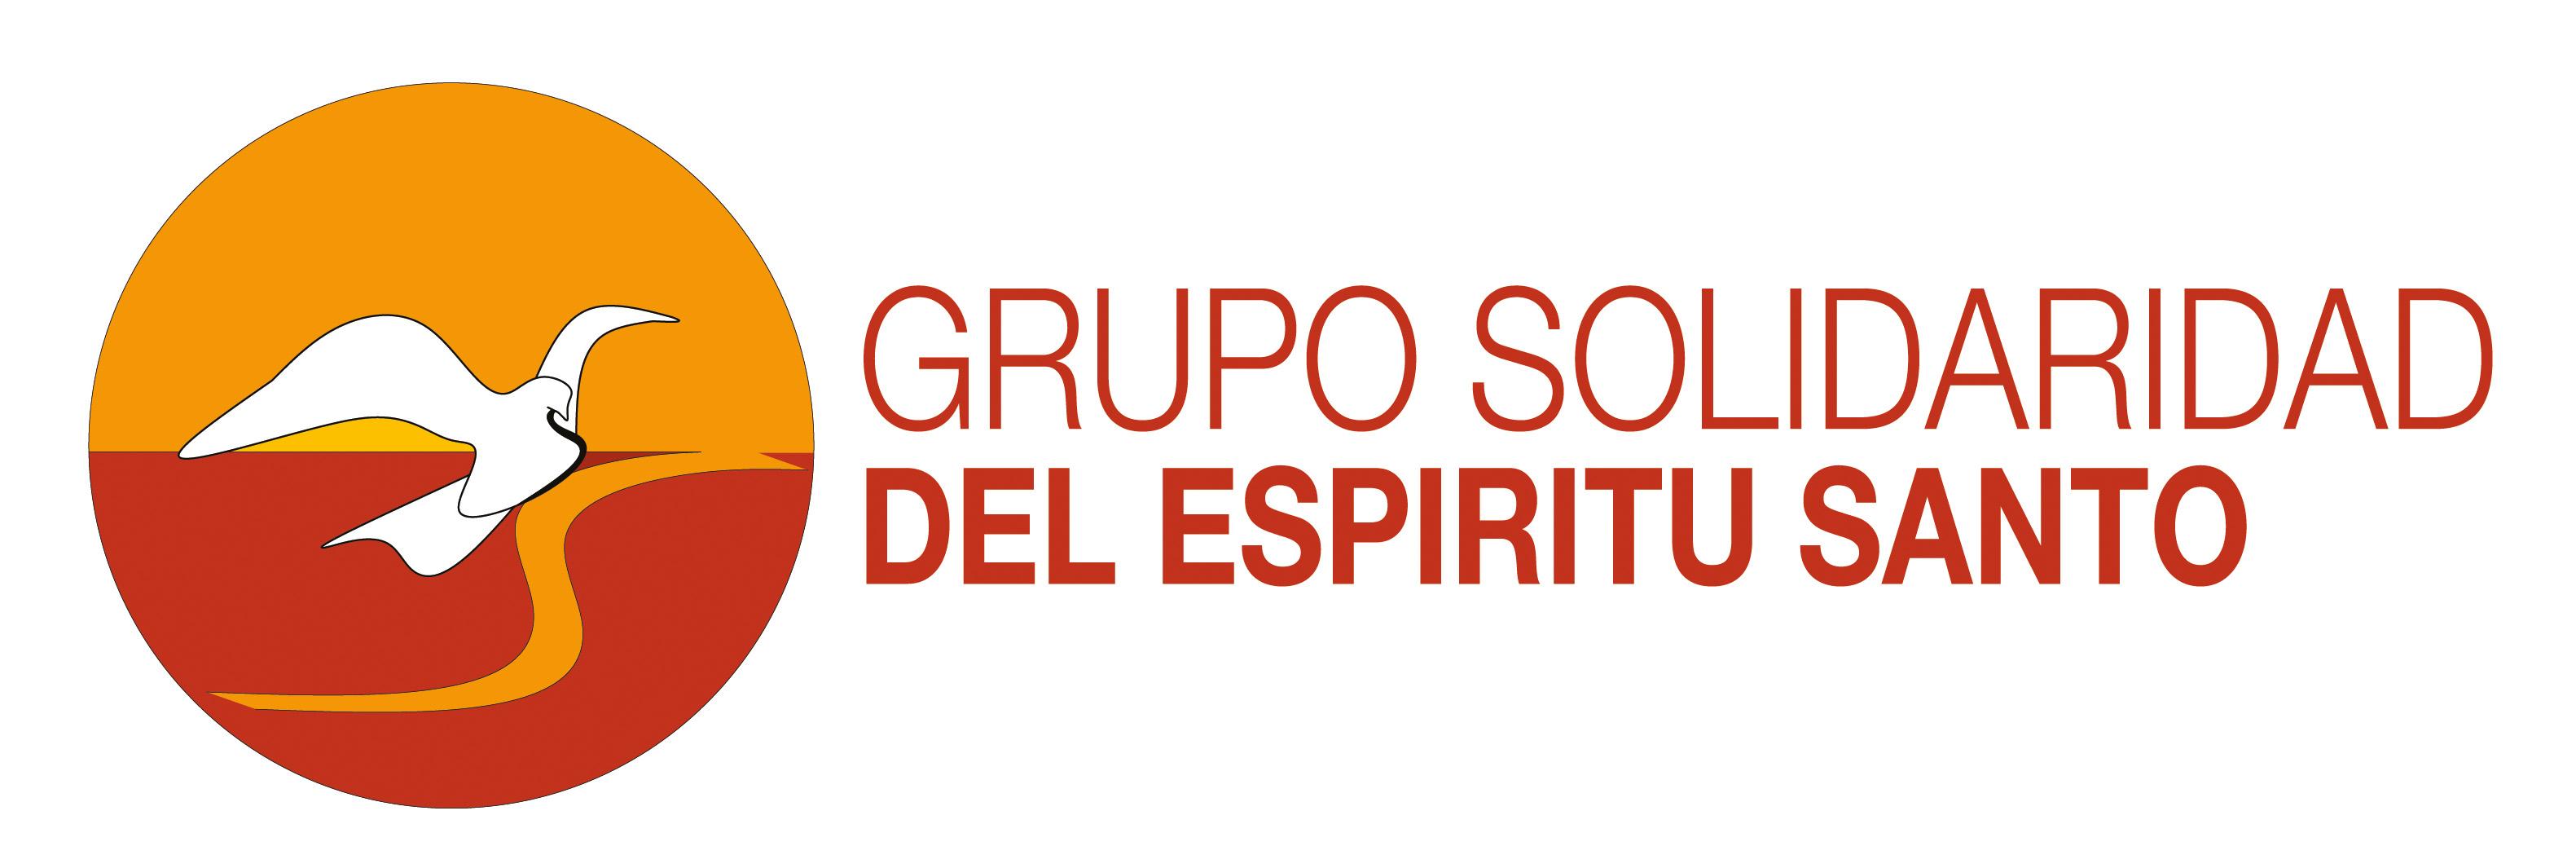 Grupo Solidaridad del Espíritu Santo - GSES